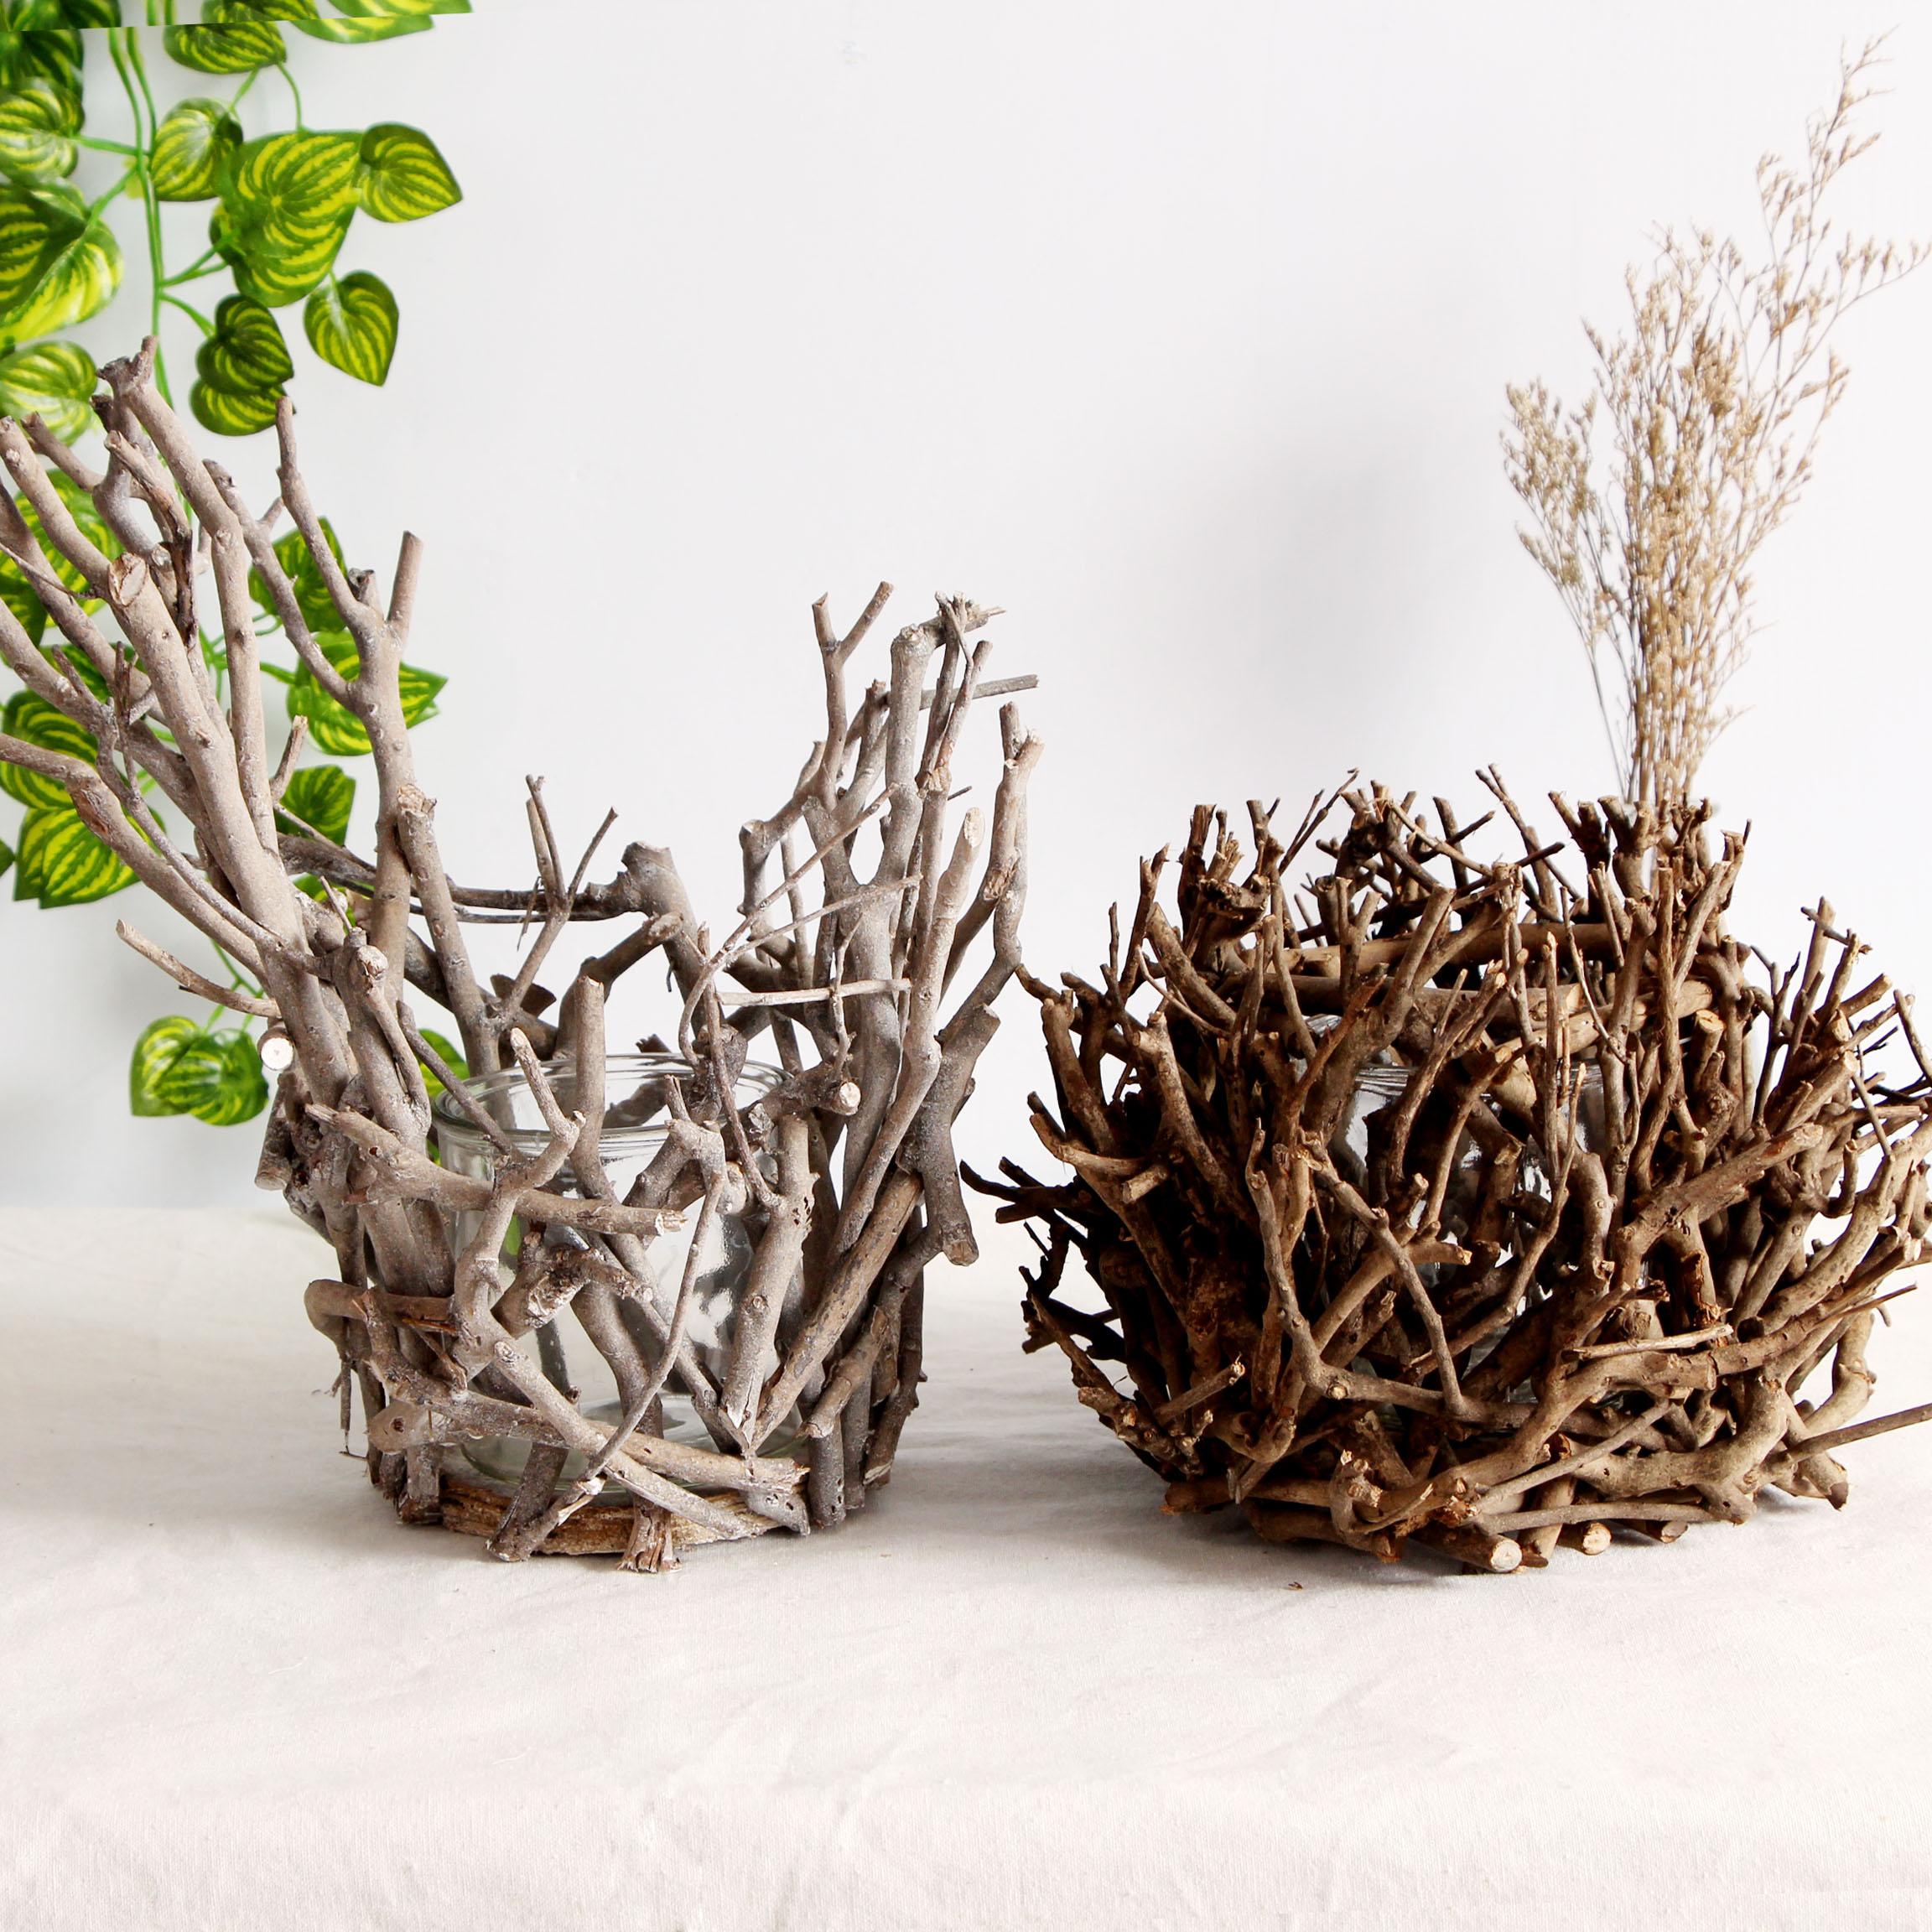 天然茶树枝定制烛台